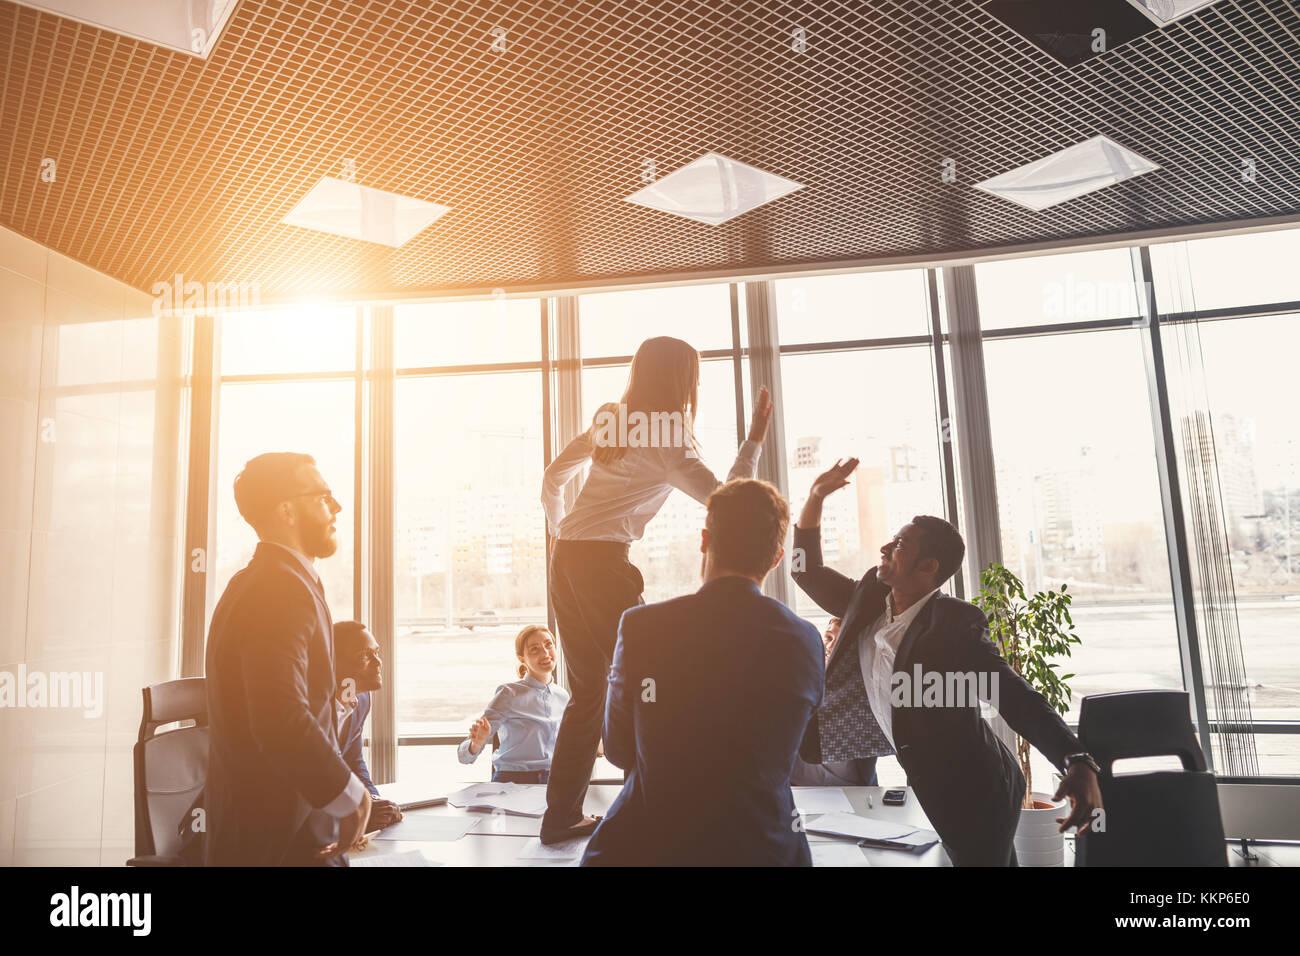 Gente de negocios dando de alta cinco mientras sus colegas mirándolos Foto de stock